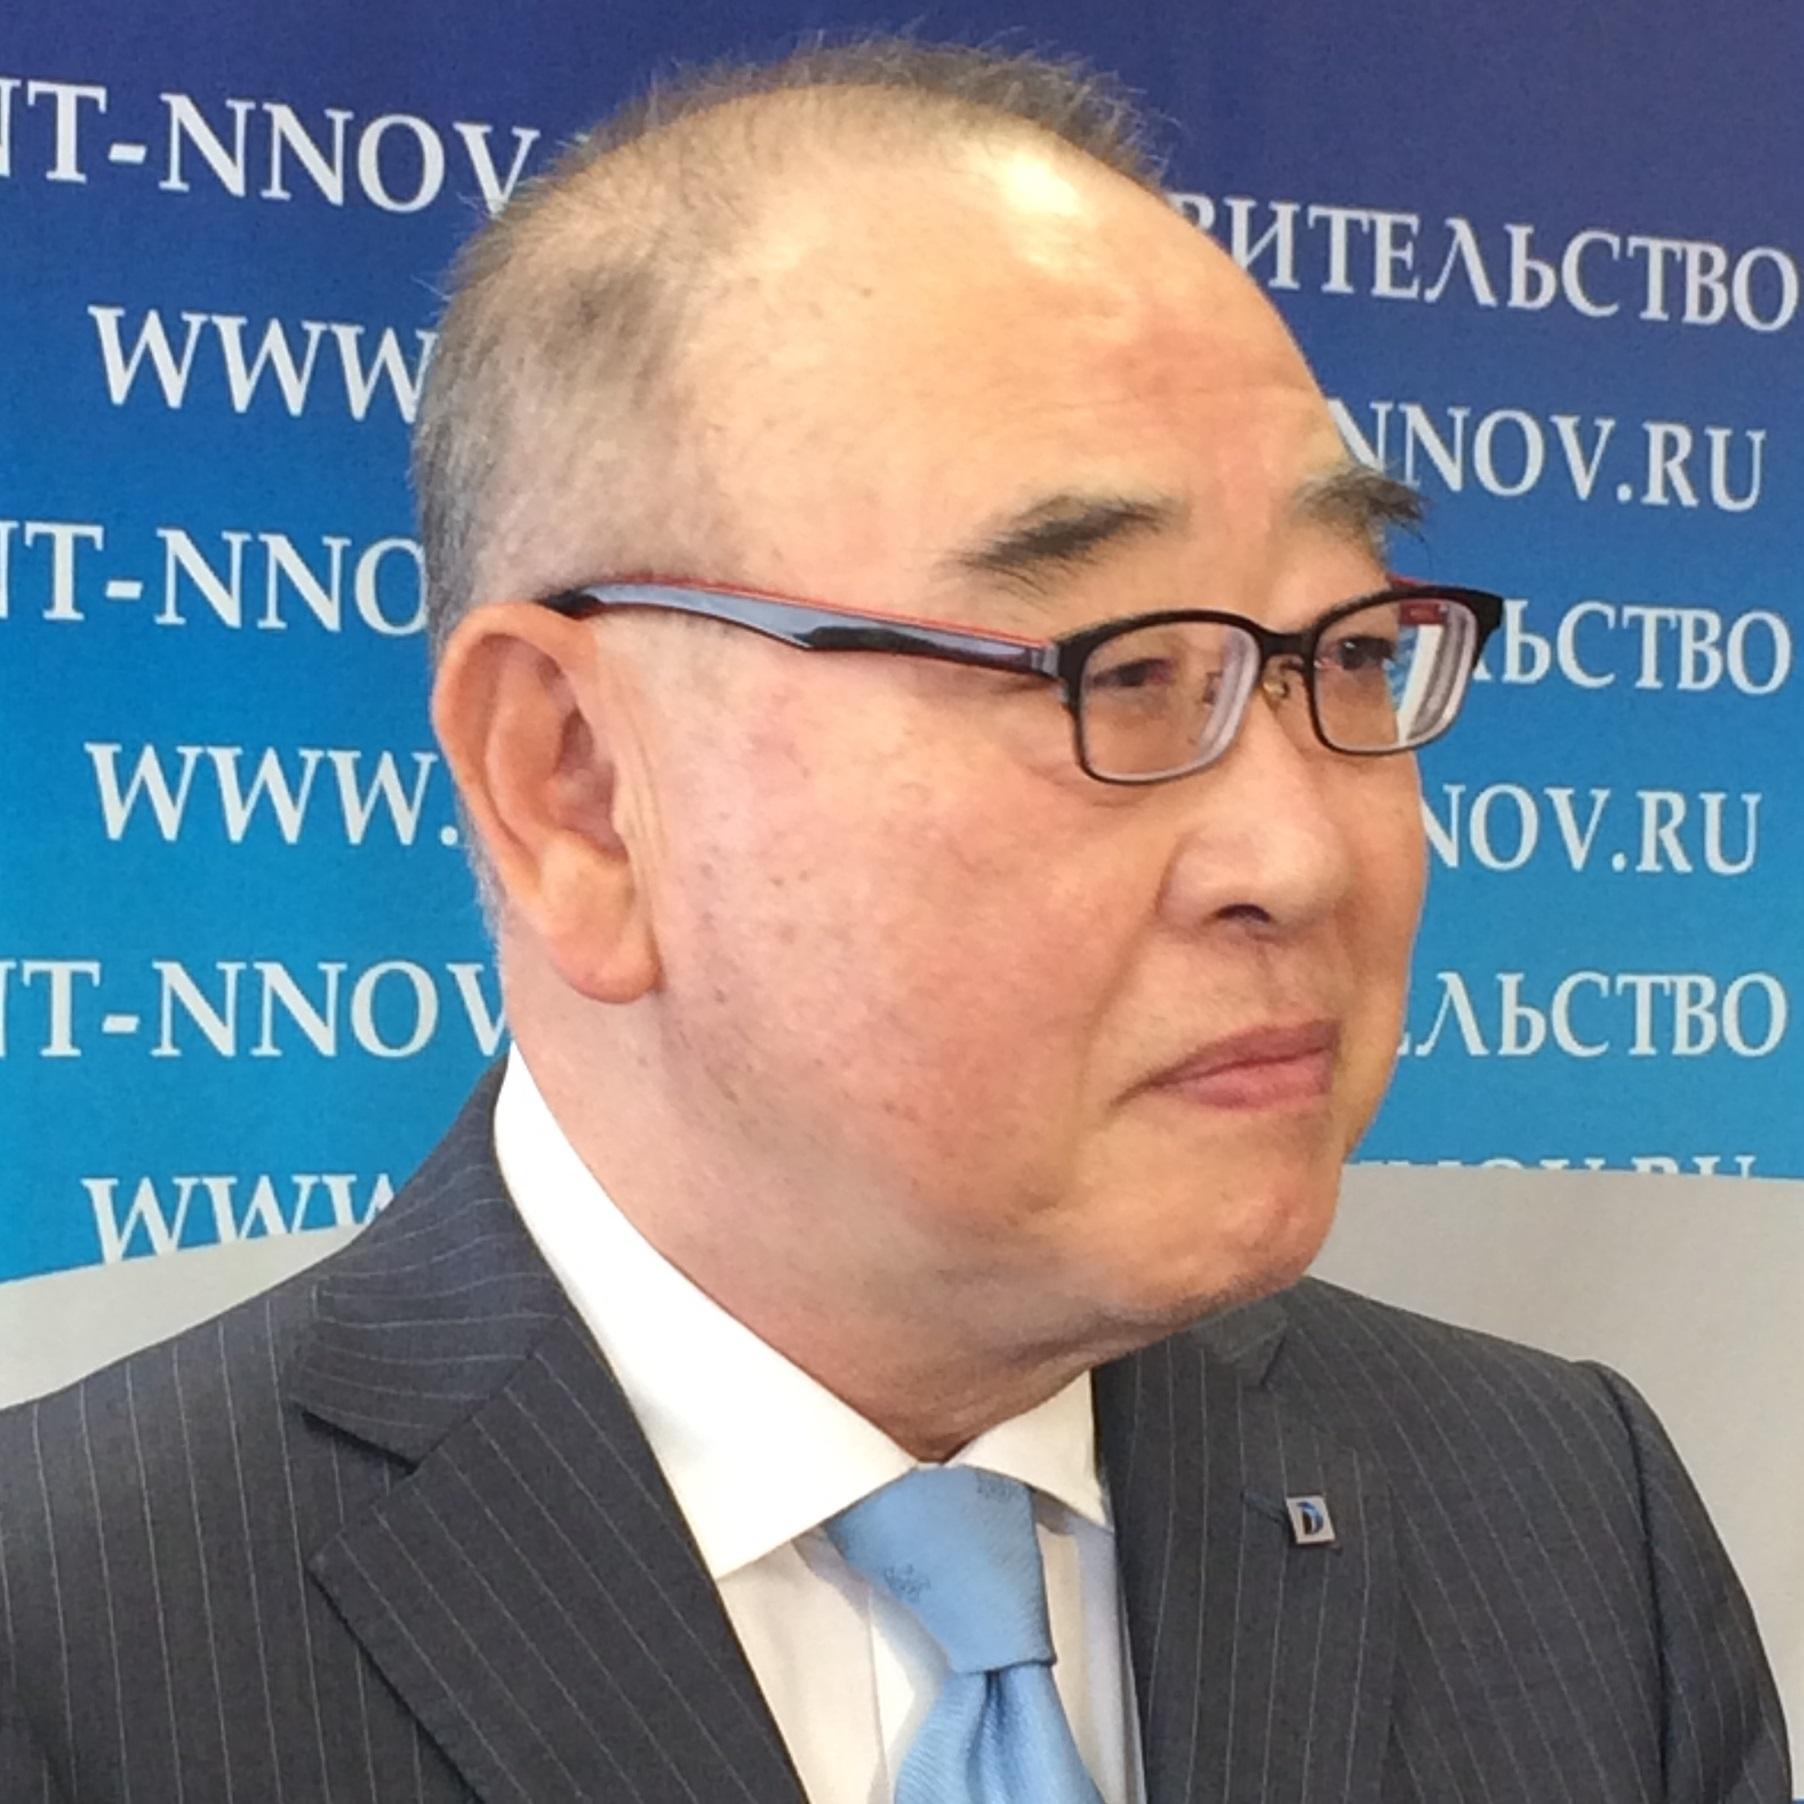 Японский производитель автокомпонентов расширит производство вНижегородской области